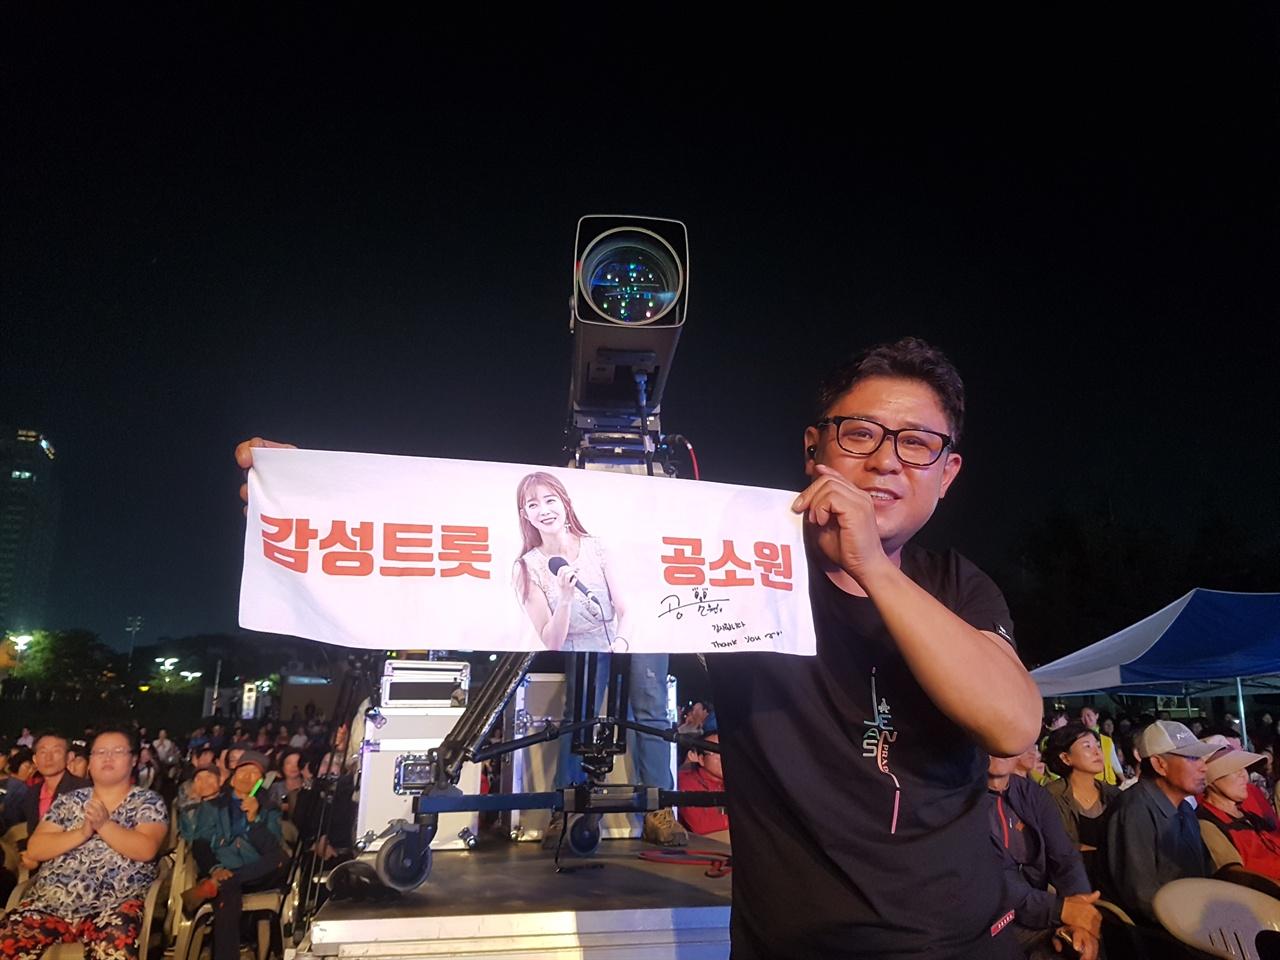 전야제 행사에는 출연자 뿐만 아니라 가수들을 응원하는 모습도 있었다.